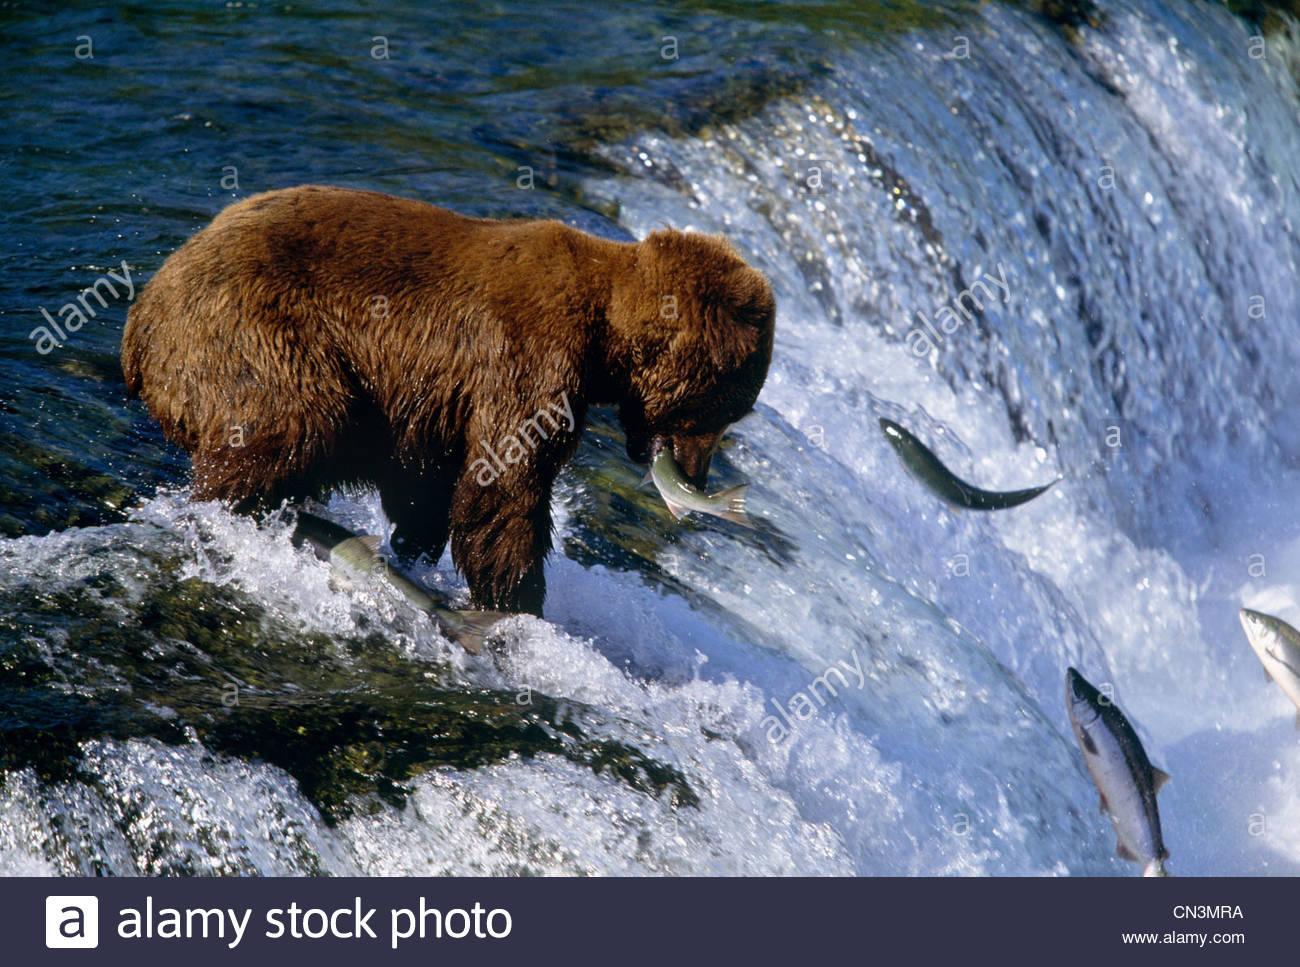 Brown bear catching salmon at Brooks Falls, Katmai National Park, Alaska - Stock Image